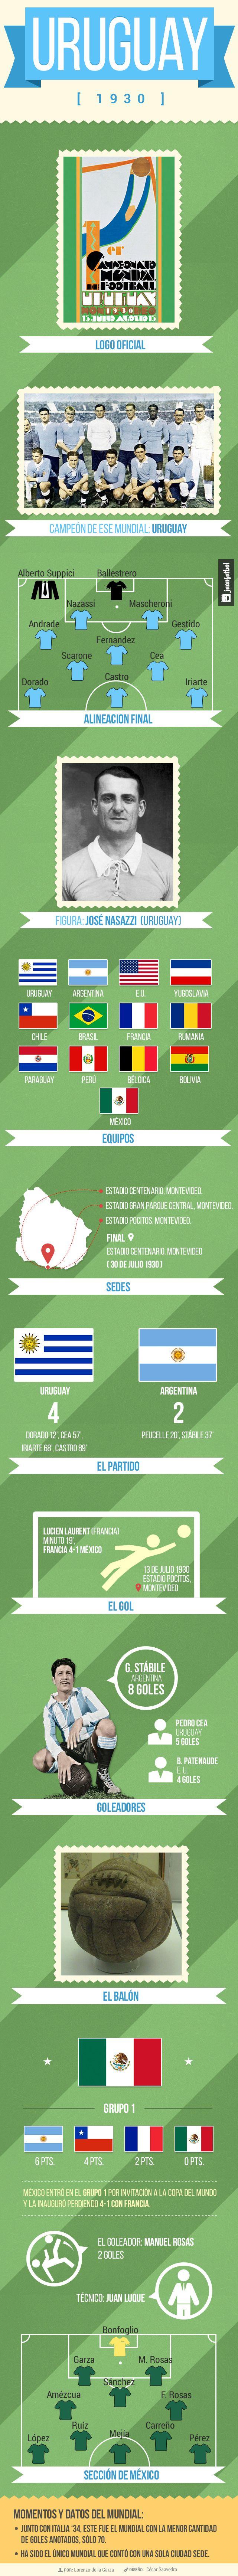 La historia de los mundiales: Uruguay 1930